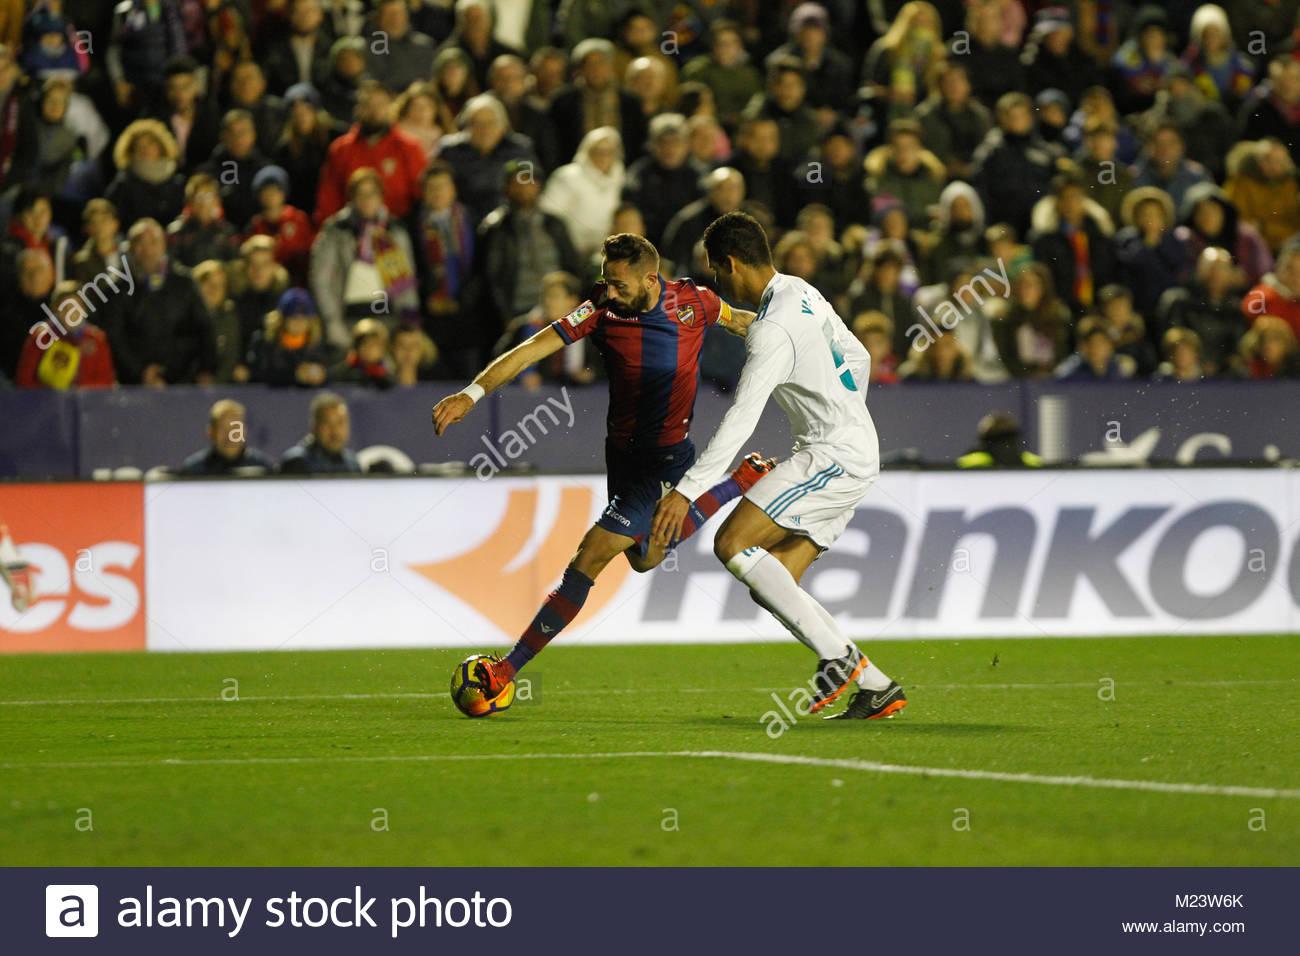 Levante's Morales during a La Liga match al Estadio Ciudad de Valencia - Stock Image